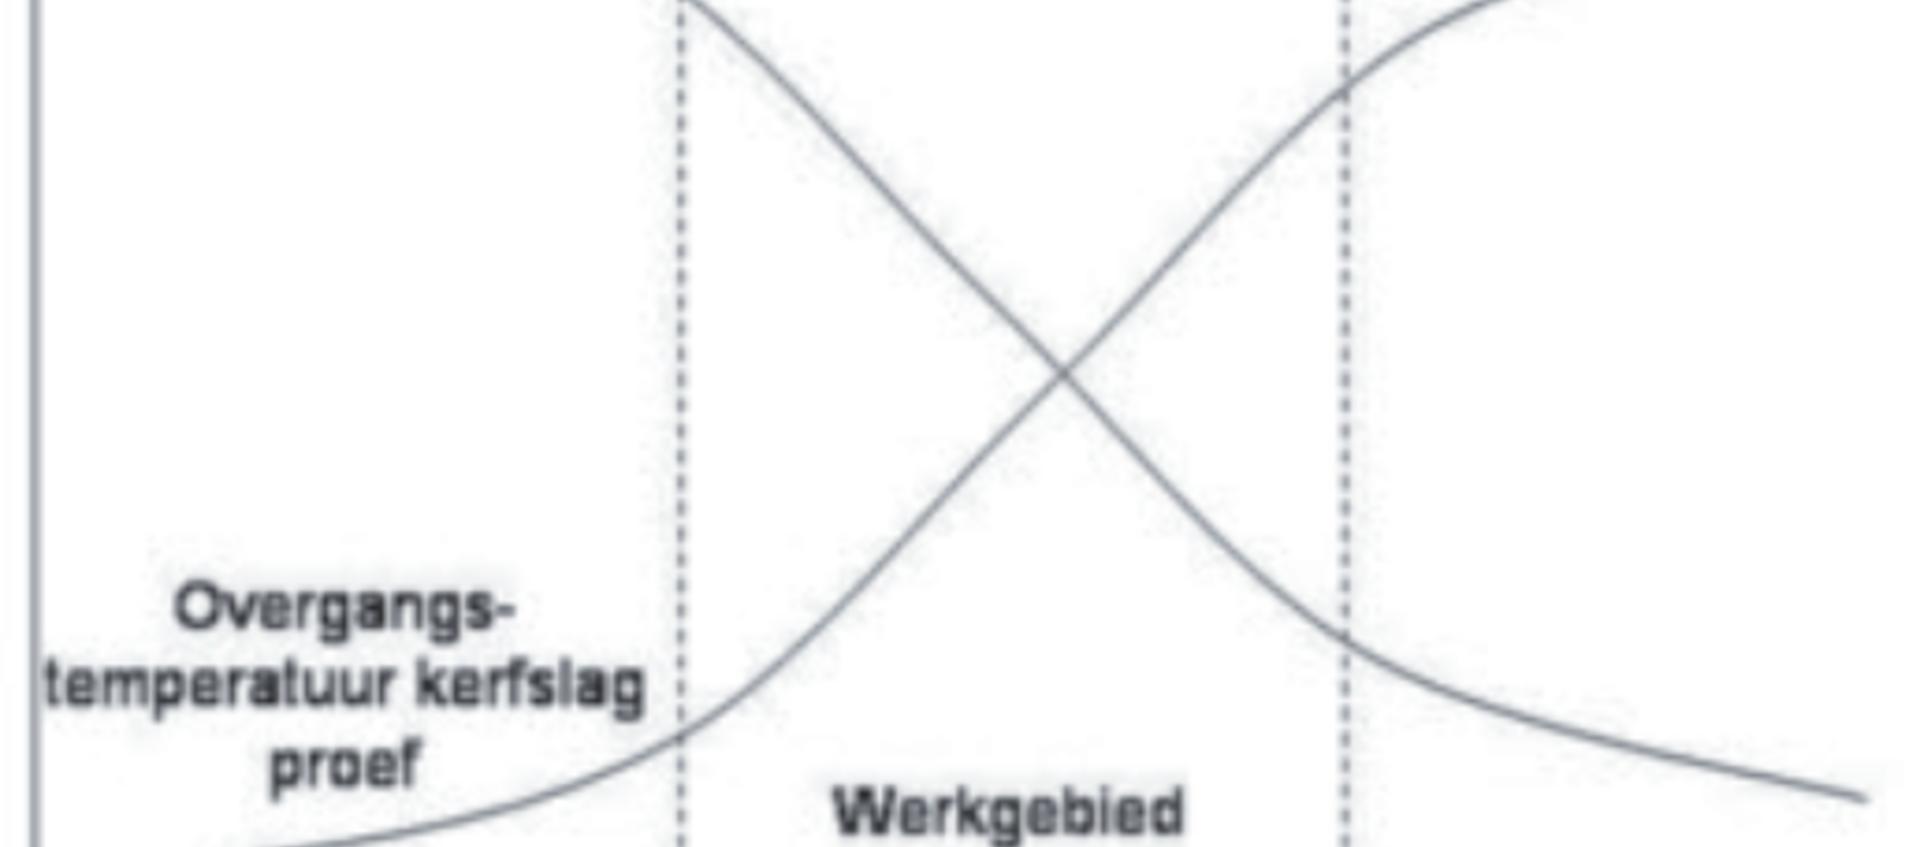 Materialen en hun lasbaarheid groep 3 volgens ISO/TR 15608